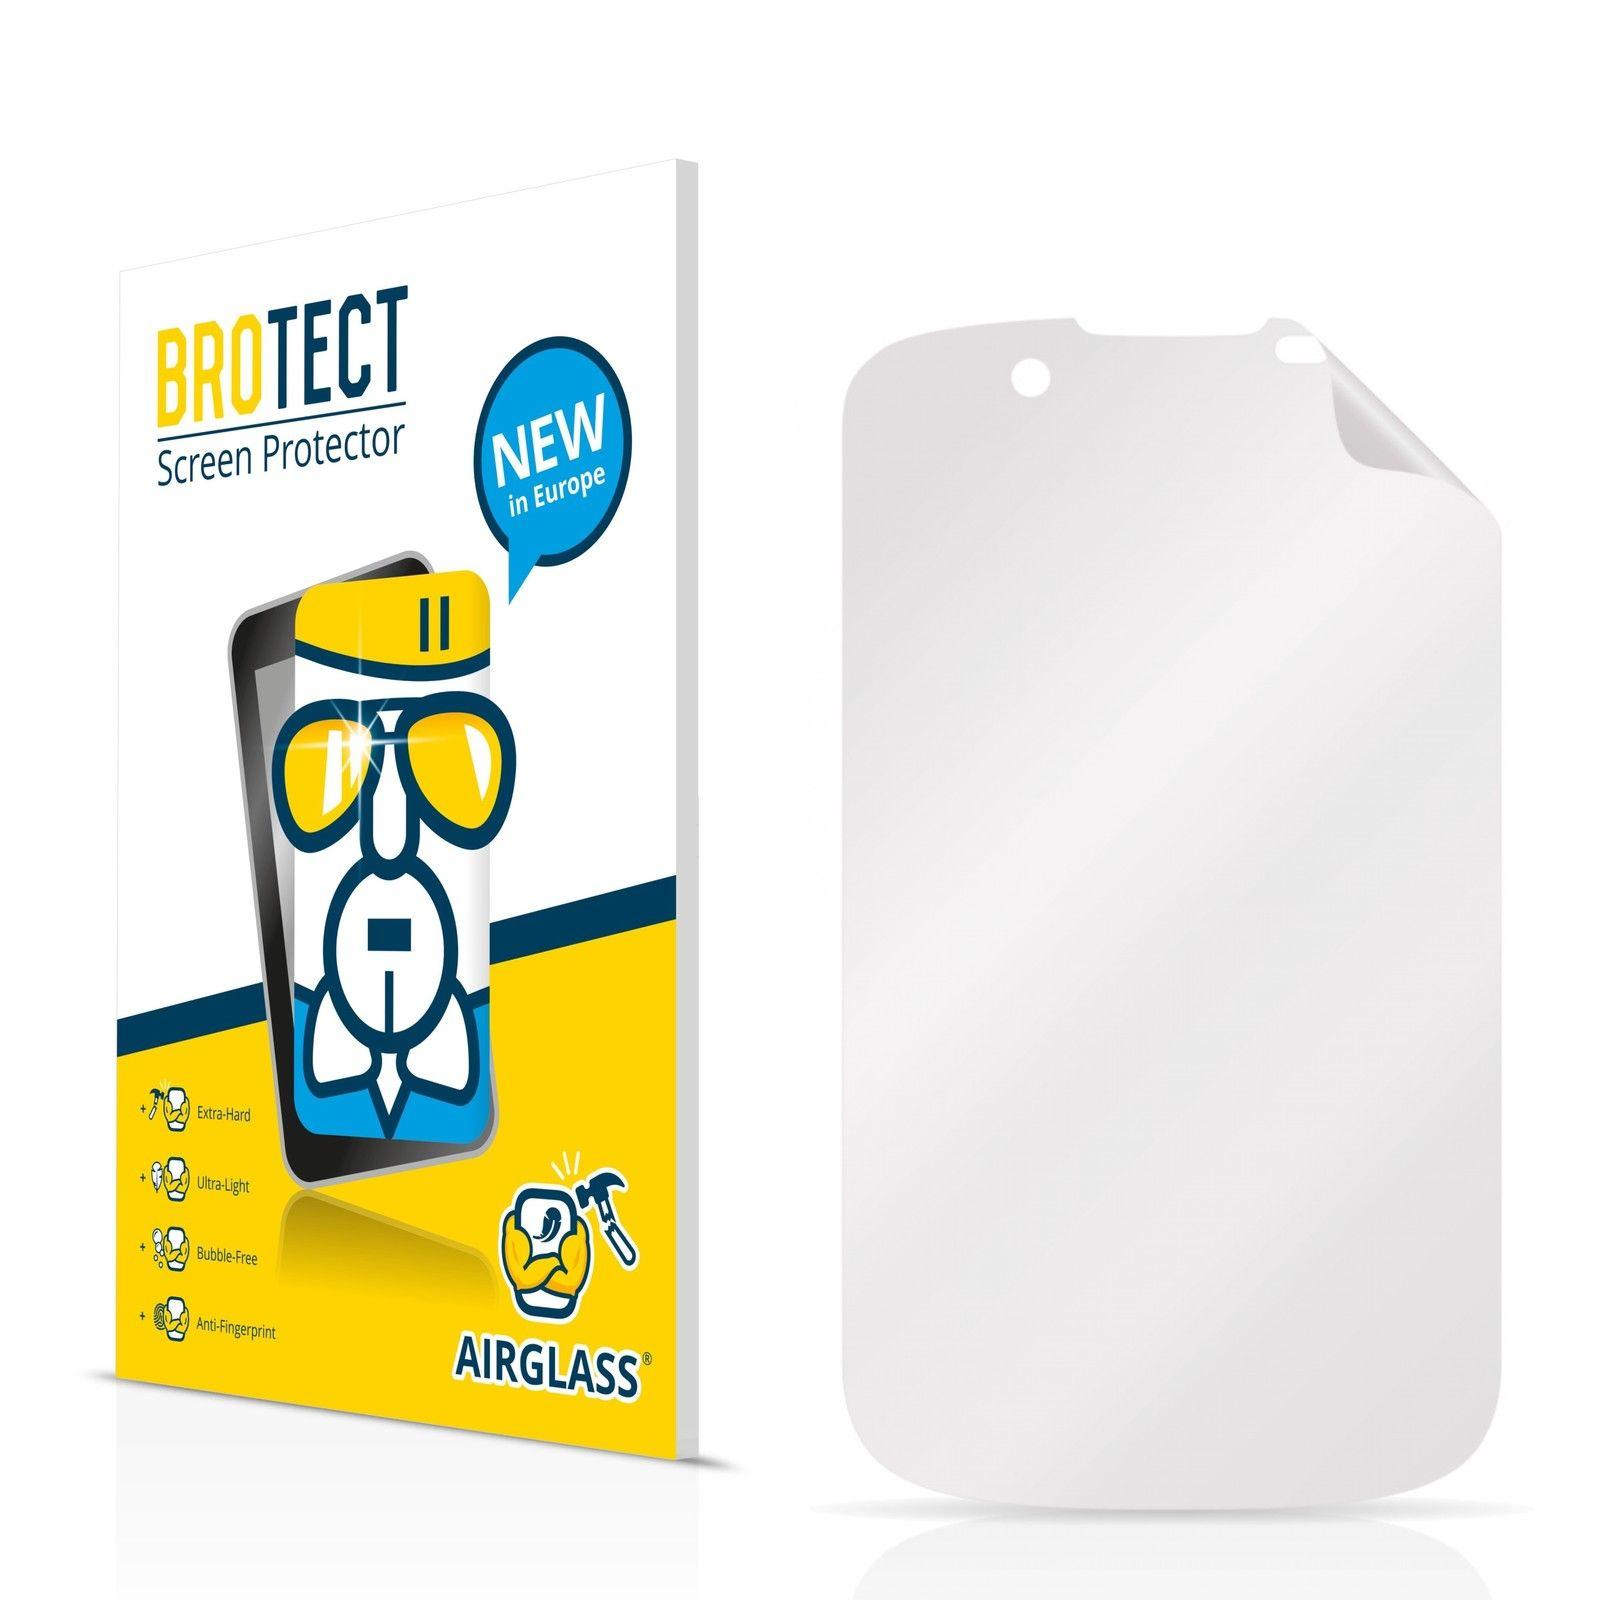 Extra tvrzená ochranná fólie (tvrzené sklo) AirGlass Brotect na LCD pro Prestigio MultiPhone 3540 DUO